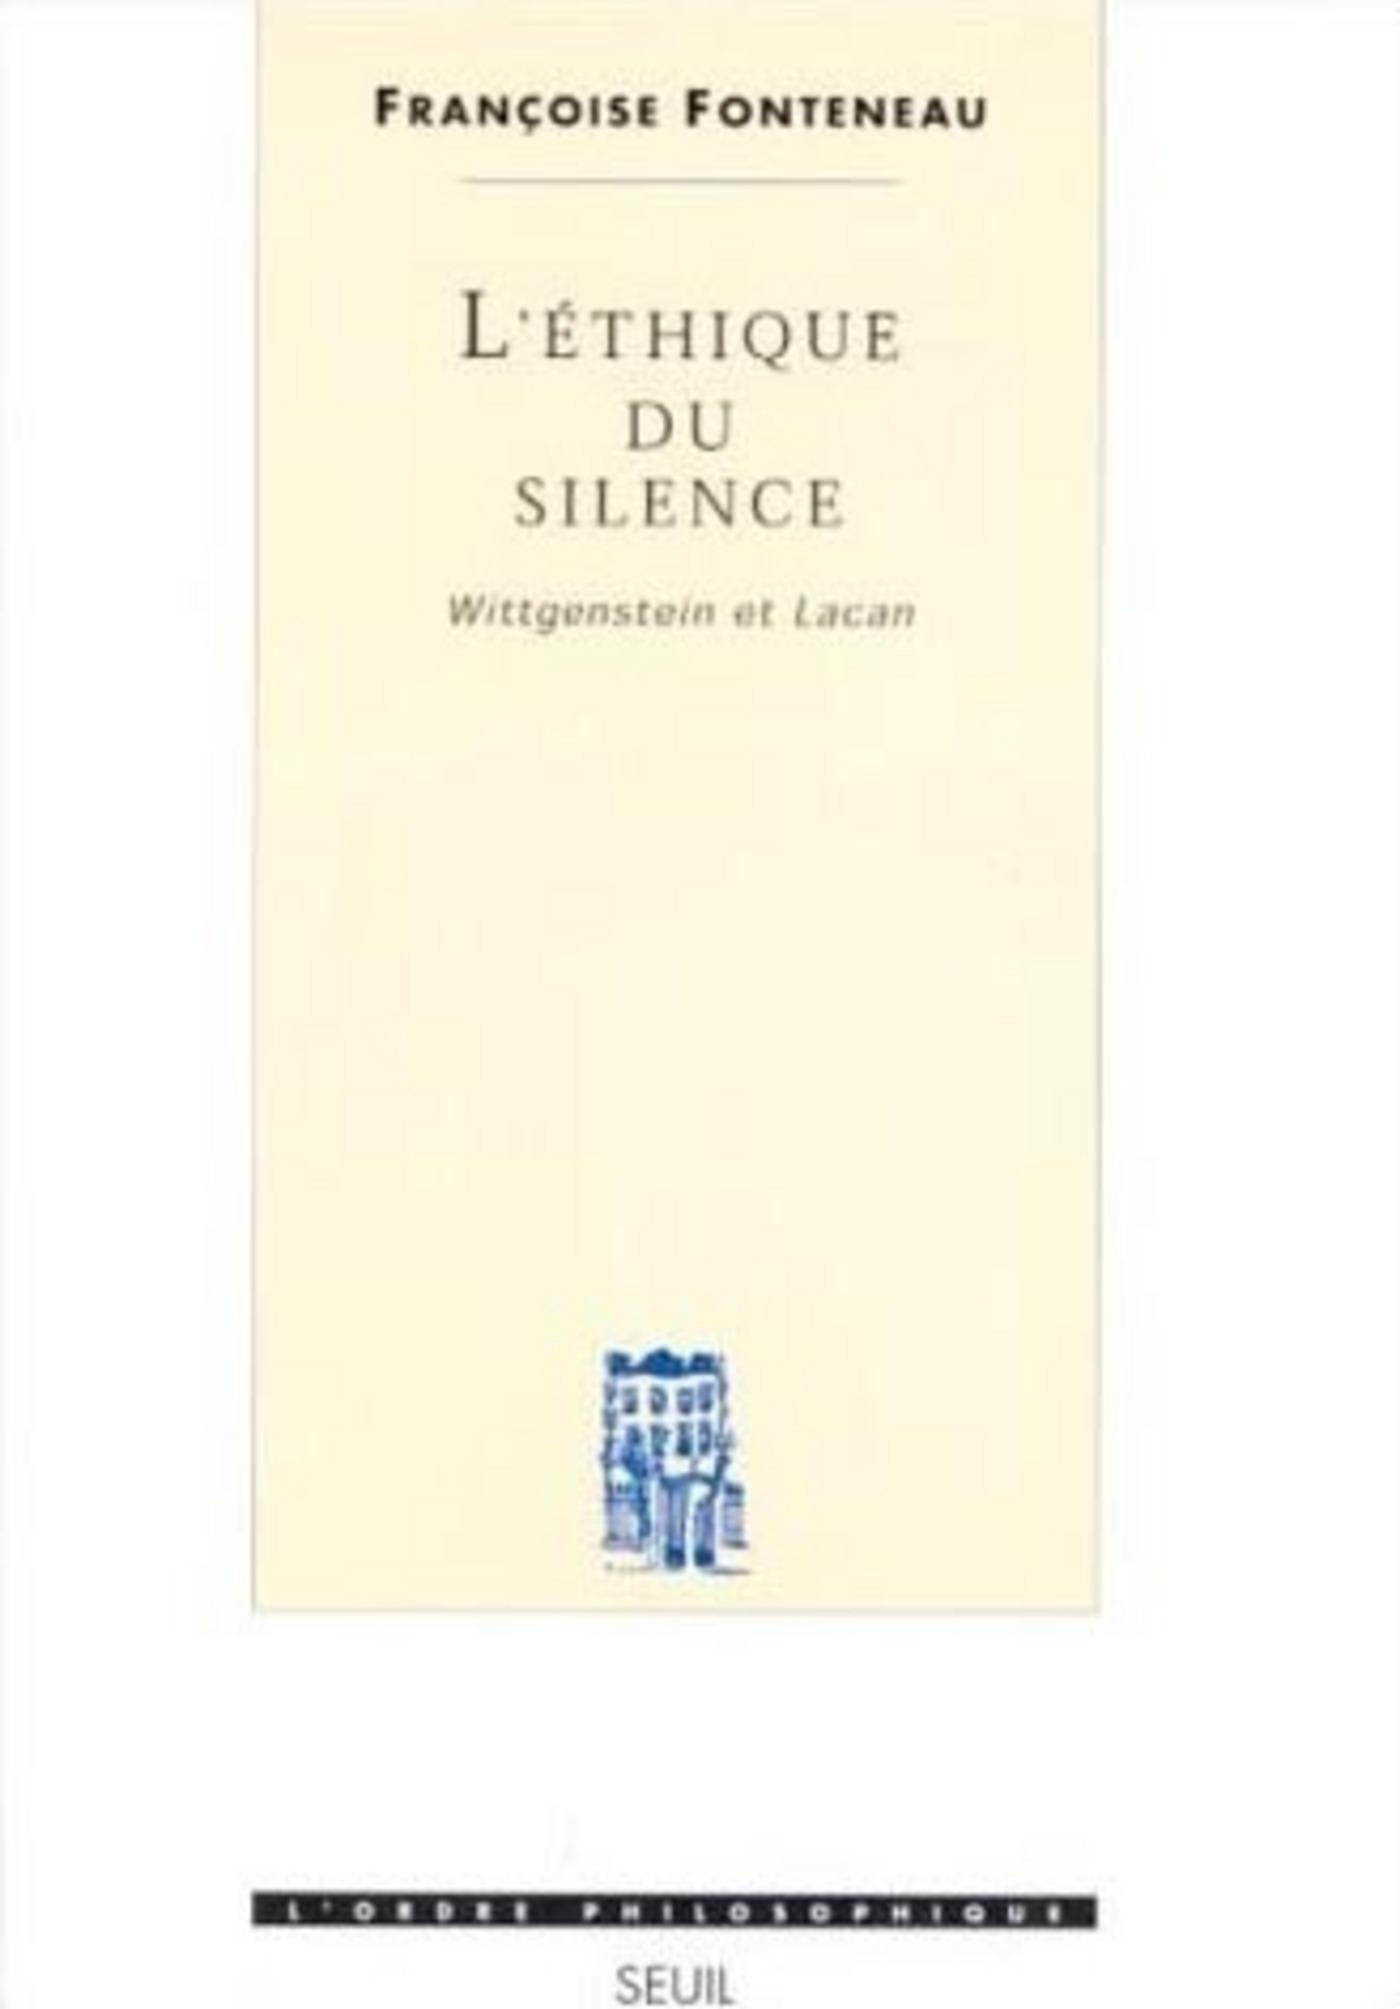 L'éthique du silence - Wittgenstein et Lacan